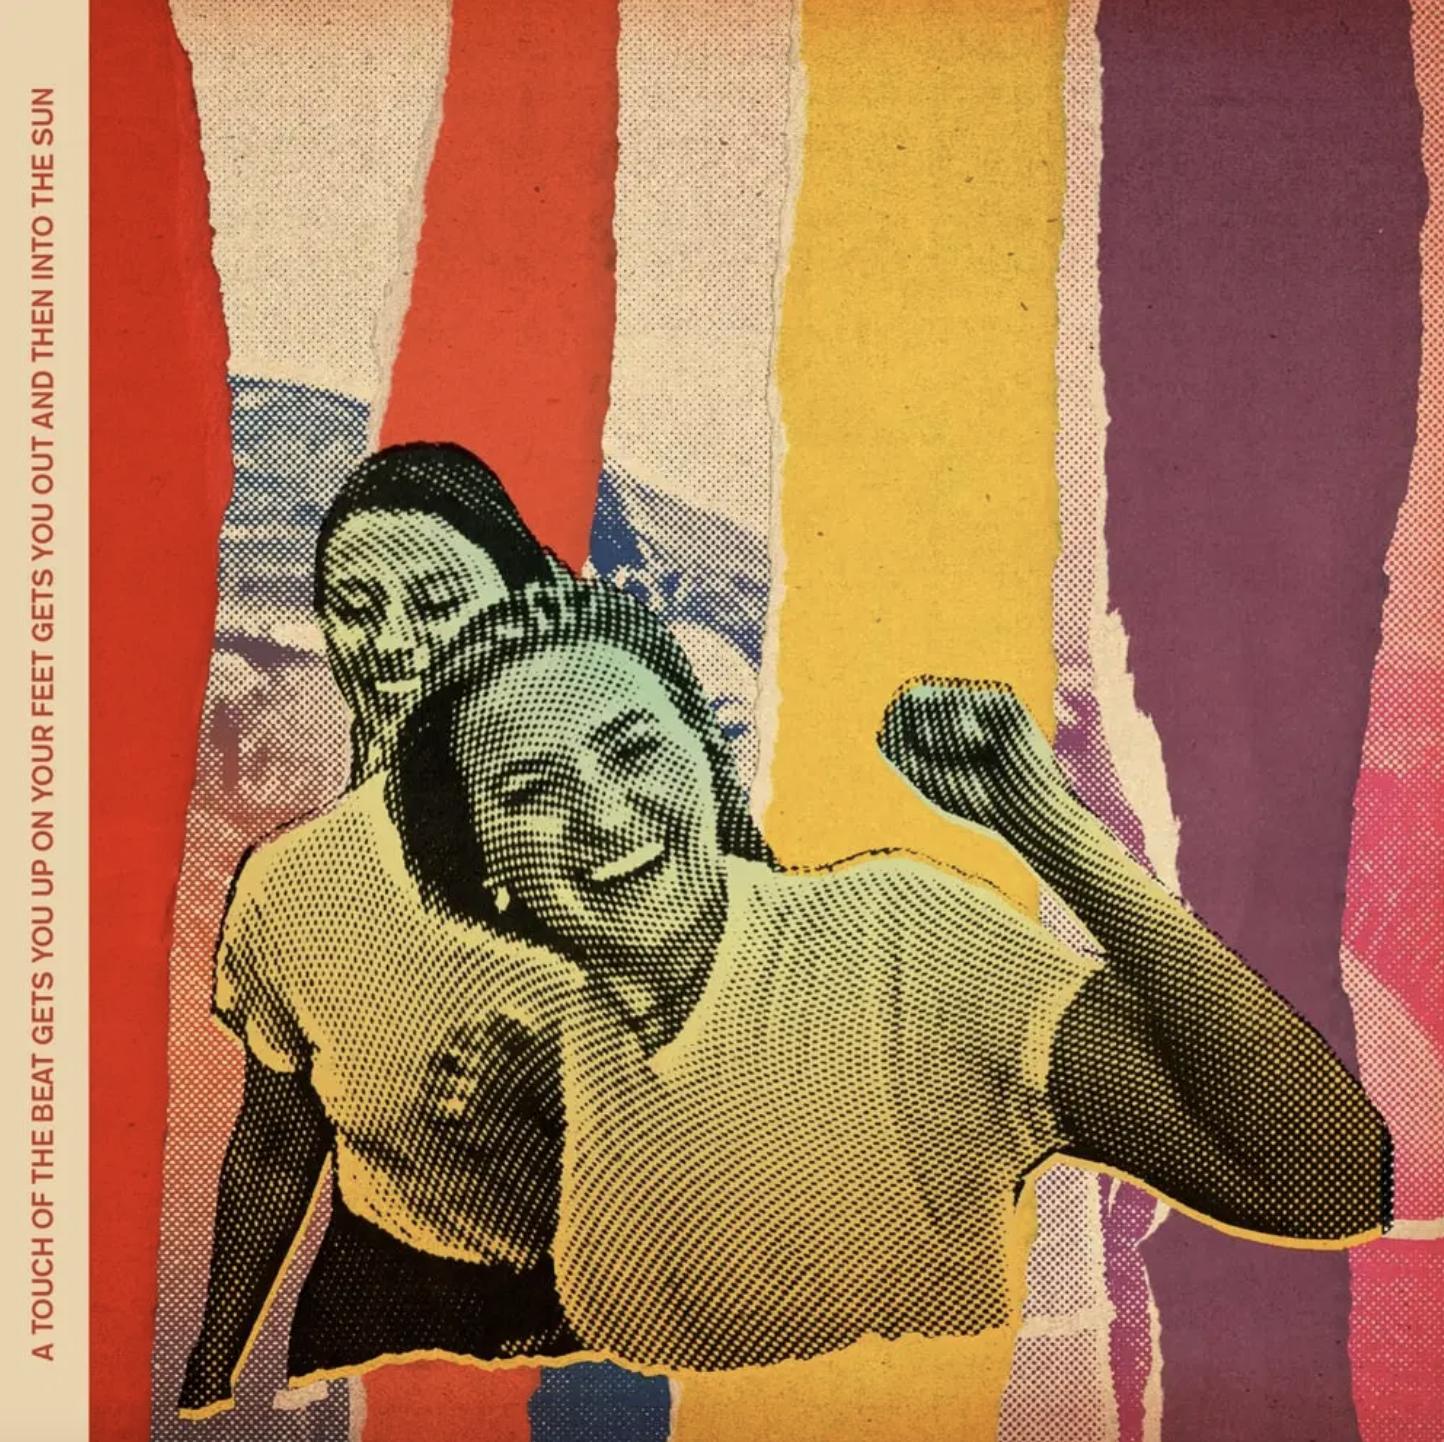 """Capa do álbum """"a touch of the beat gets you up on your feet gets you out and then into the sun"""", do duo pop Aly & AJ. Estilizado como uma colagem, as irmãs Aly e AJ Michalka estão no centro, caminhando para frente, AJ andando um pouco à frente de Aly, com os braços levantados, prestes a comemorar. Atrás delas, uma figura similar, com várias partes rasgadas que revelam diferentes cores por trás: laranja, amarelo e púrpura. Escrito verticalmente na borda esquerda da capa está o título completo do disco."""